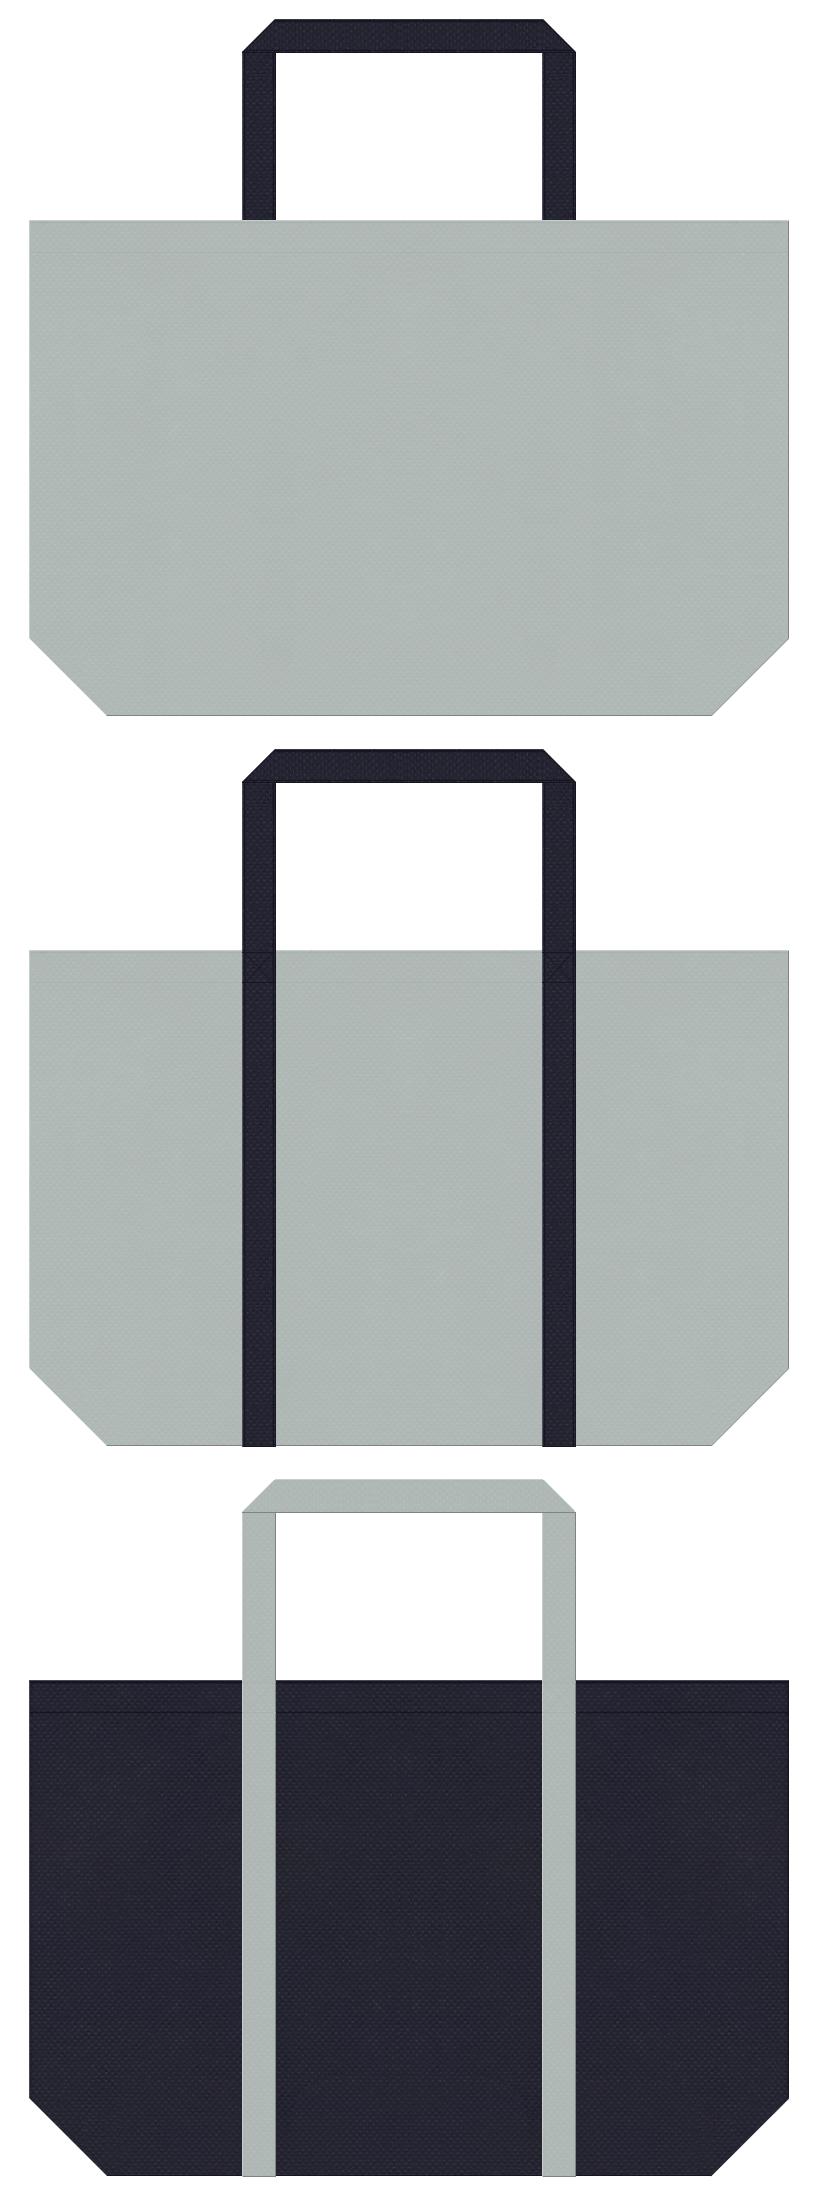 グレー色と濃紺色の不織布エコバッグのデザイン。専門書籍・学術書籍のイメージにお奨めの配色です。